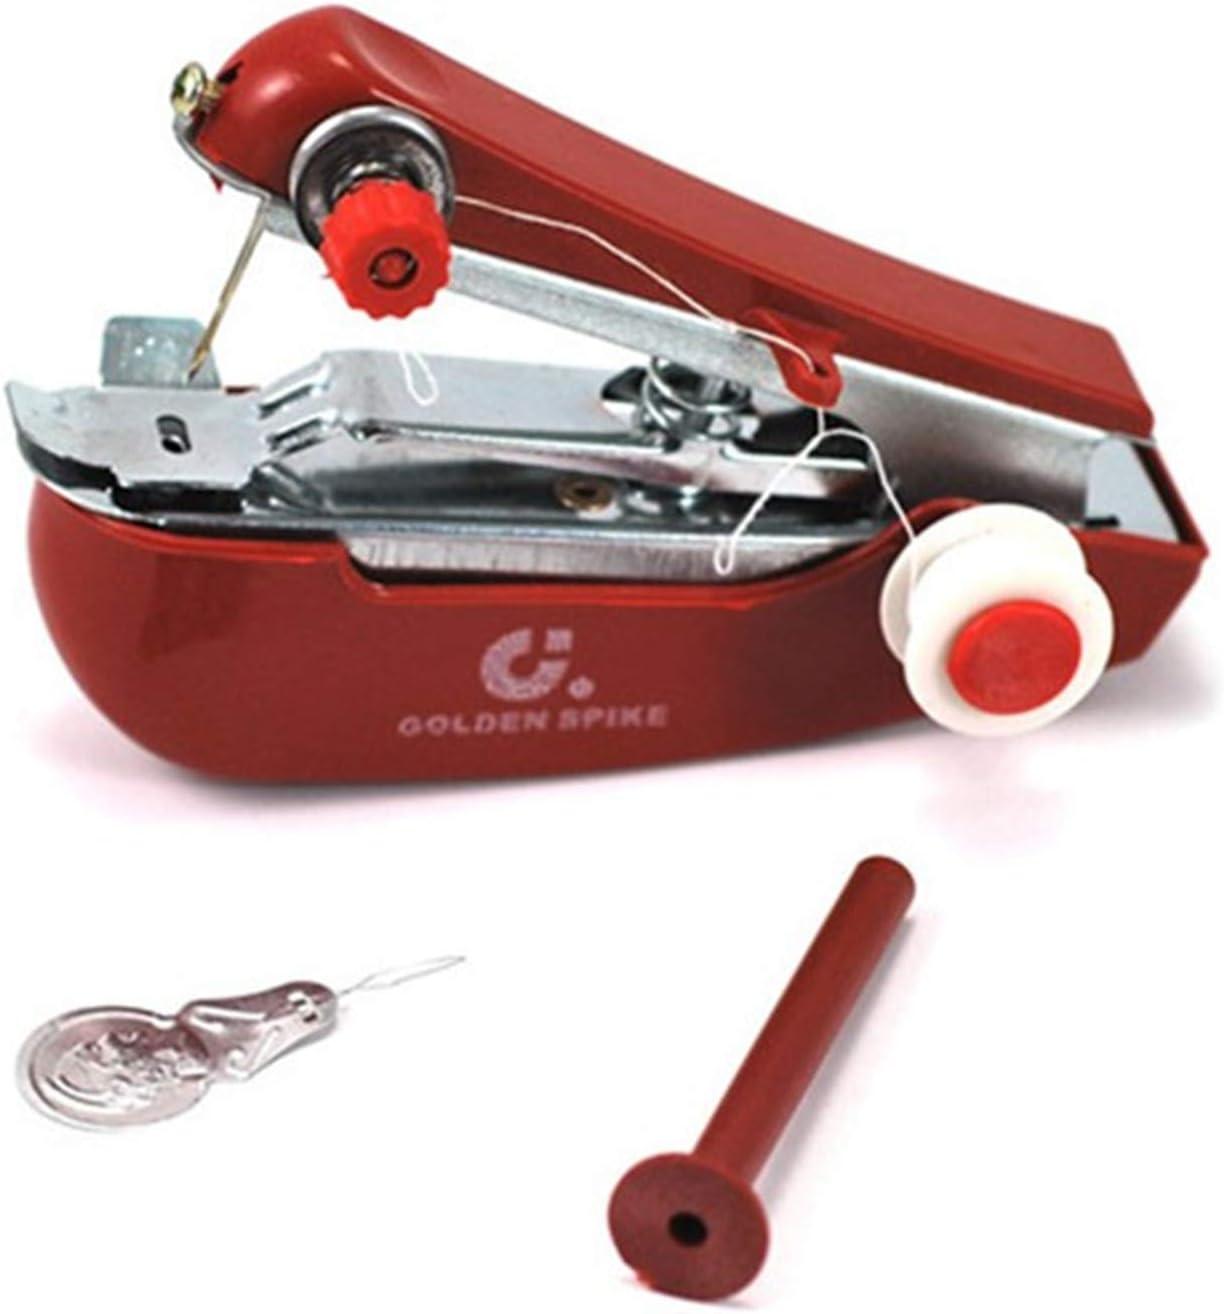 Telas de la ropa de la puntada de costura Máquina manual de su viaje o para el hogar portátil Mini Máquina de coser Handheld de Mano